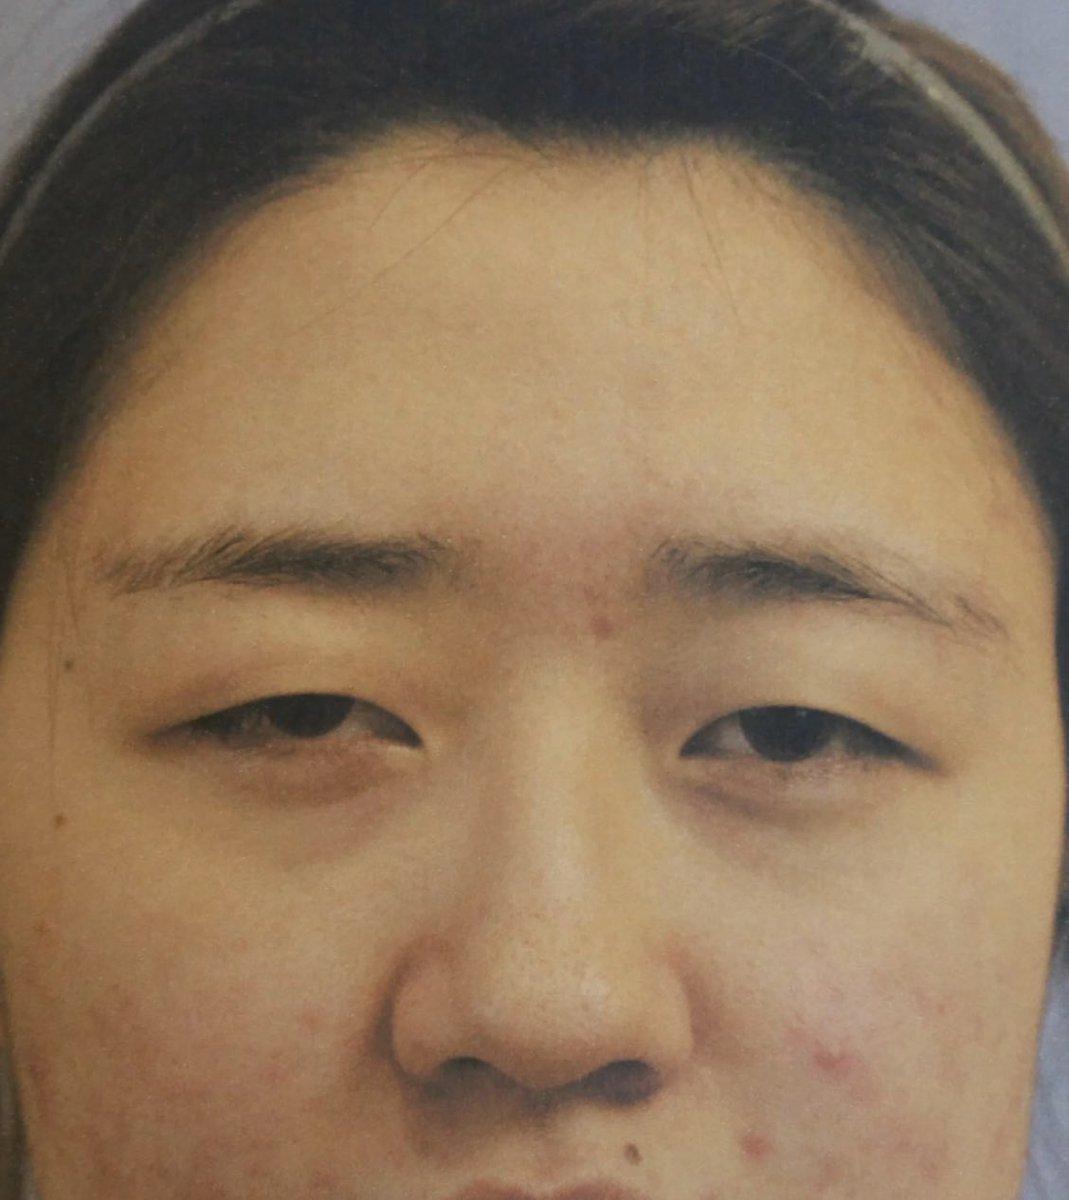 誰もが驚く‼️本当に同一人物かと疑いたくなるような大変身😳😍ユノ整形外科の目・鼻手術✨人生がよりバラ色に🌹❤️👀#目整形👃#鼻整形お問い合わせはLINEへ🔜ブログもチェック😊#韓国整形 #美容整形#症例写真 #ビフォーアフター